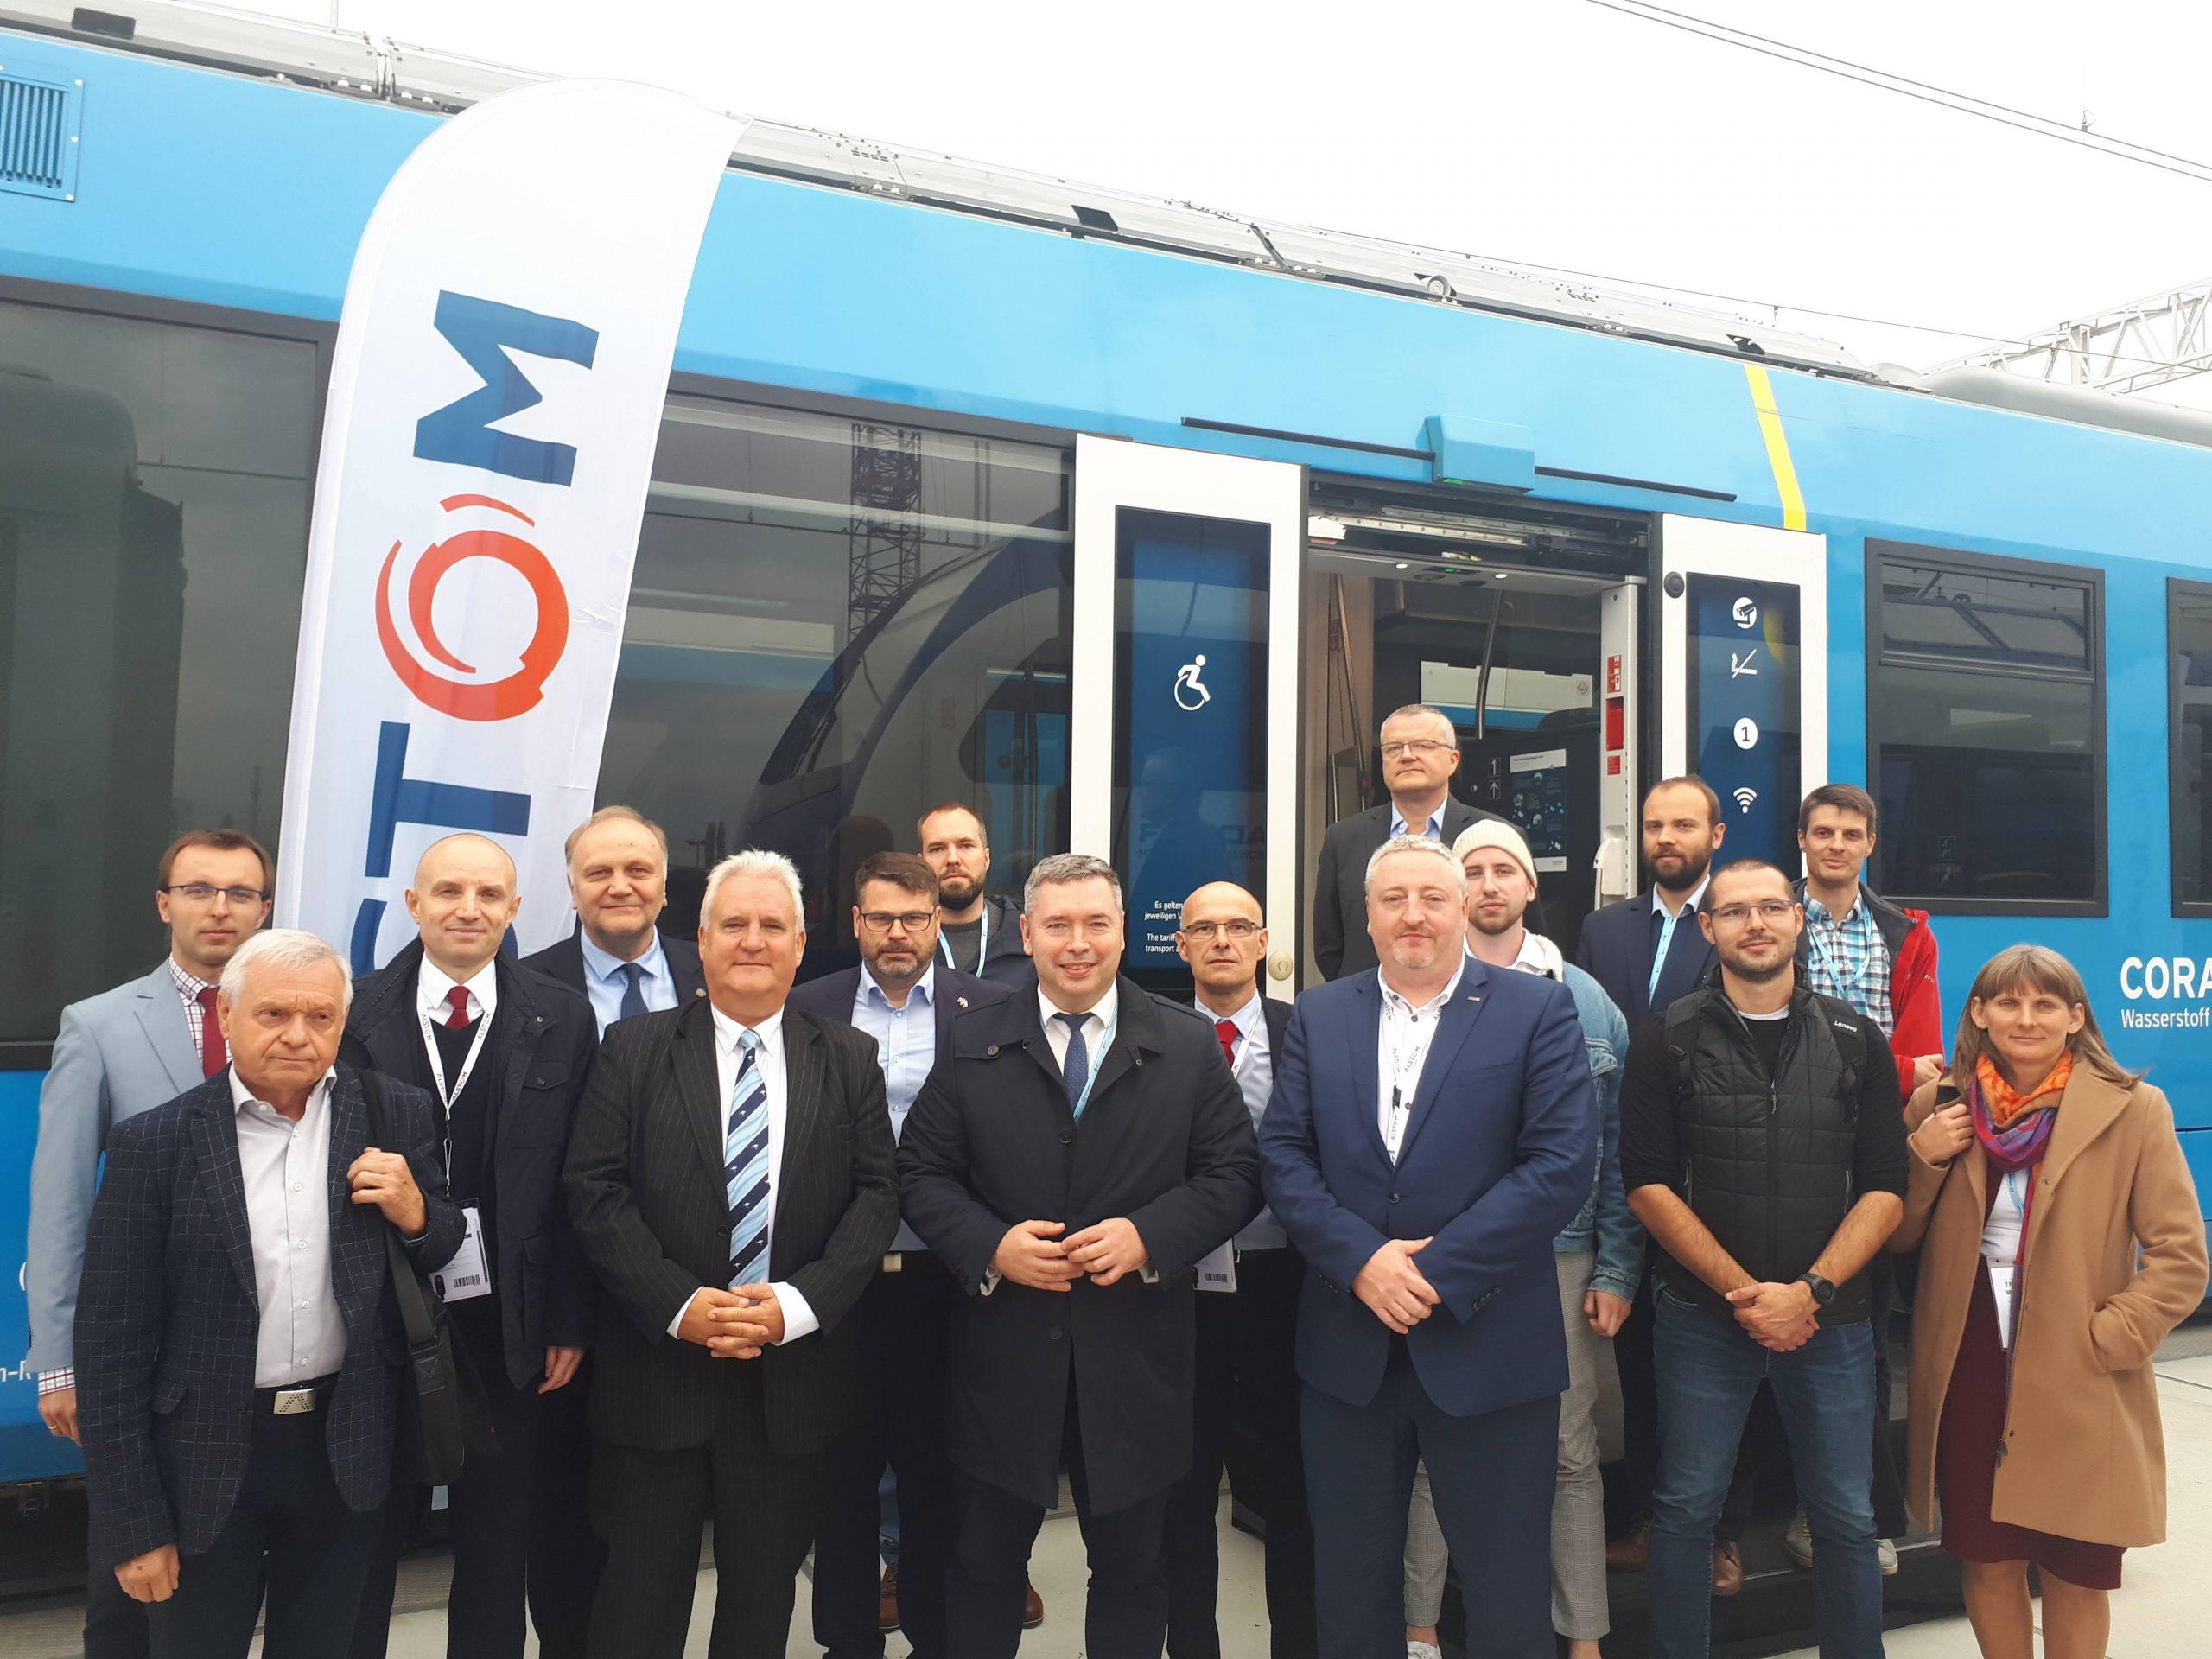 Posiedzenie Wielkopolskiej Platformy Wodorowej w Coradia iLint